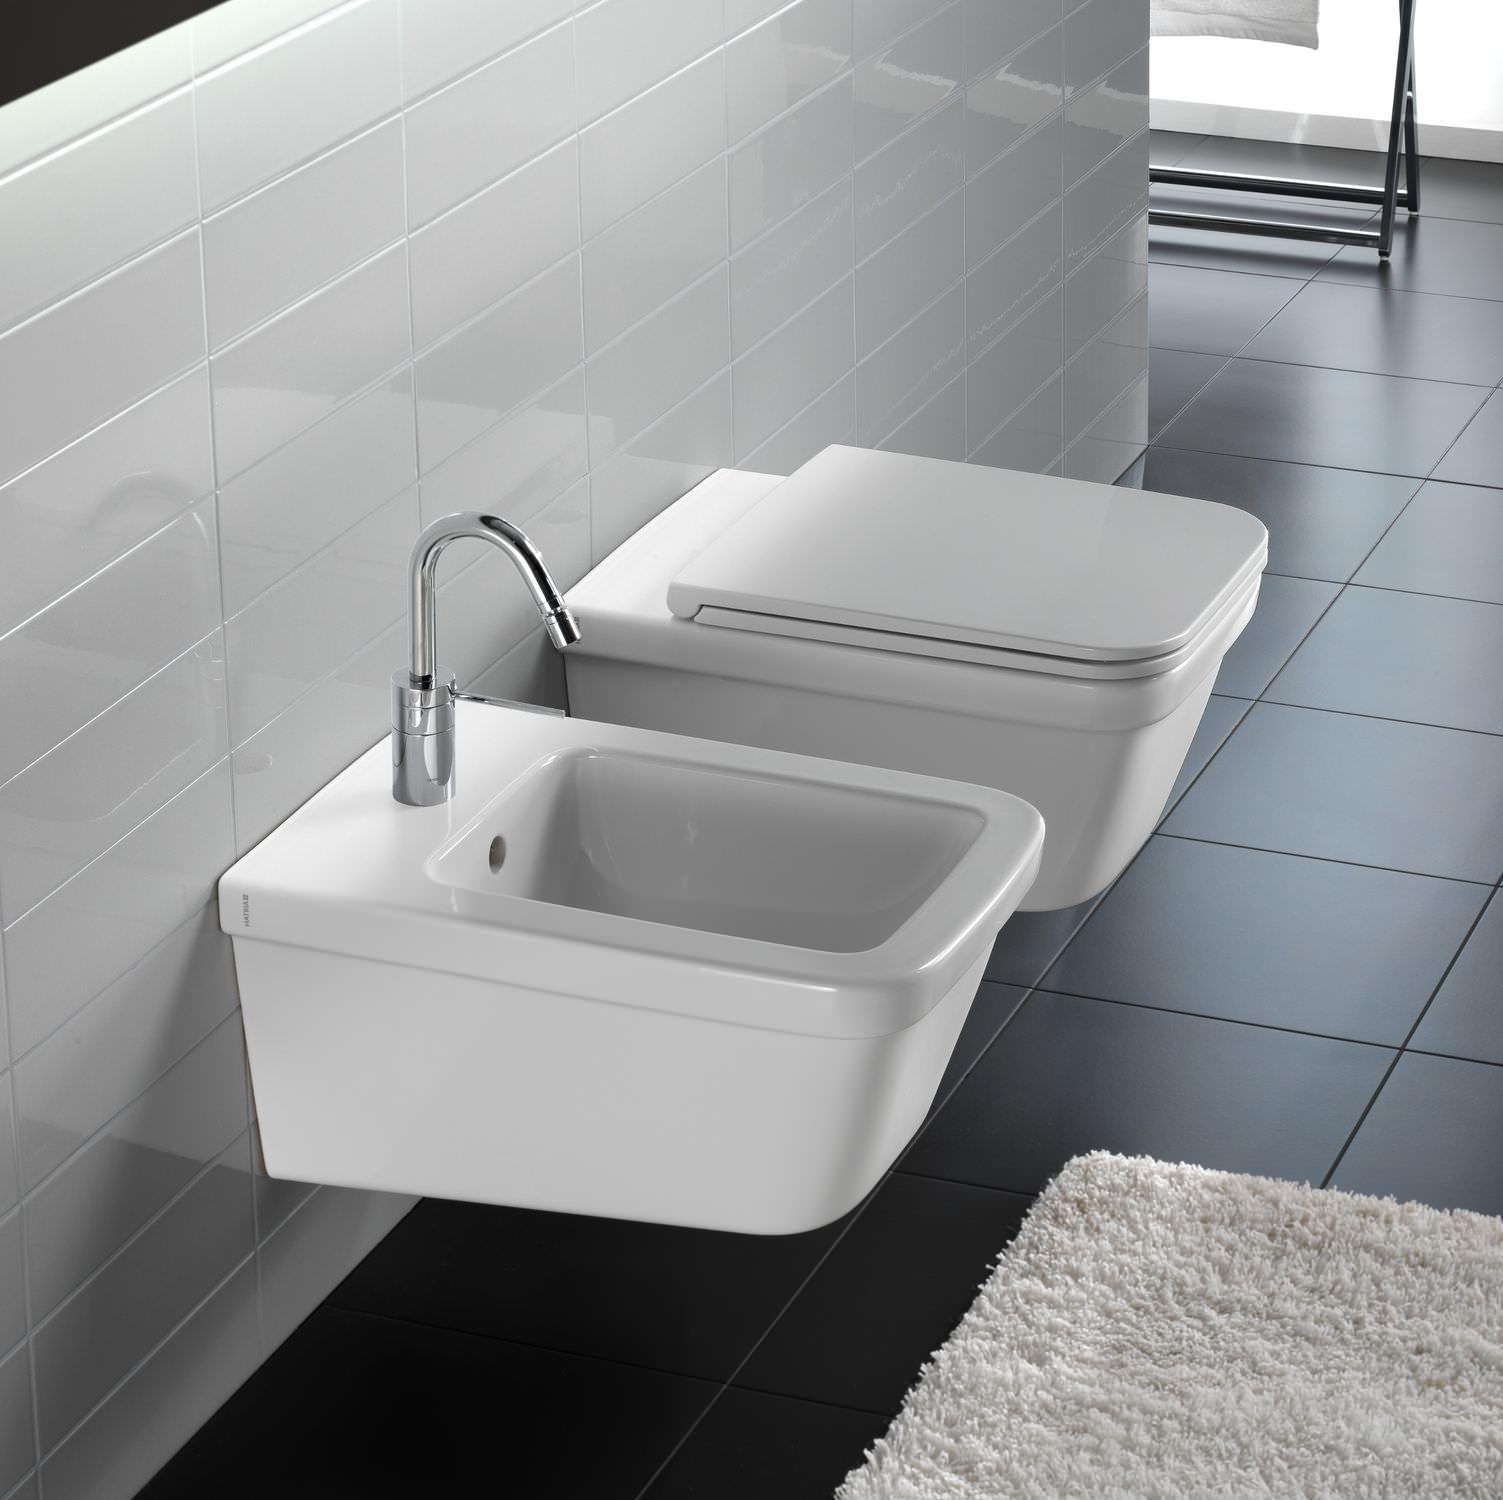 Monter Des Toilettes Suspendues toilettes suspendue / en céramique - yxj001 - hatria srl